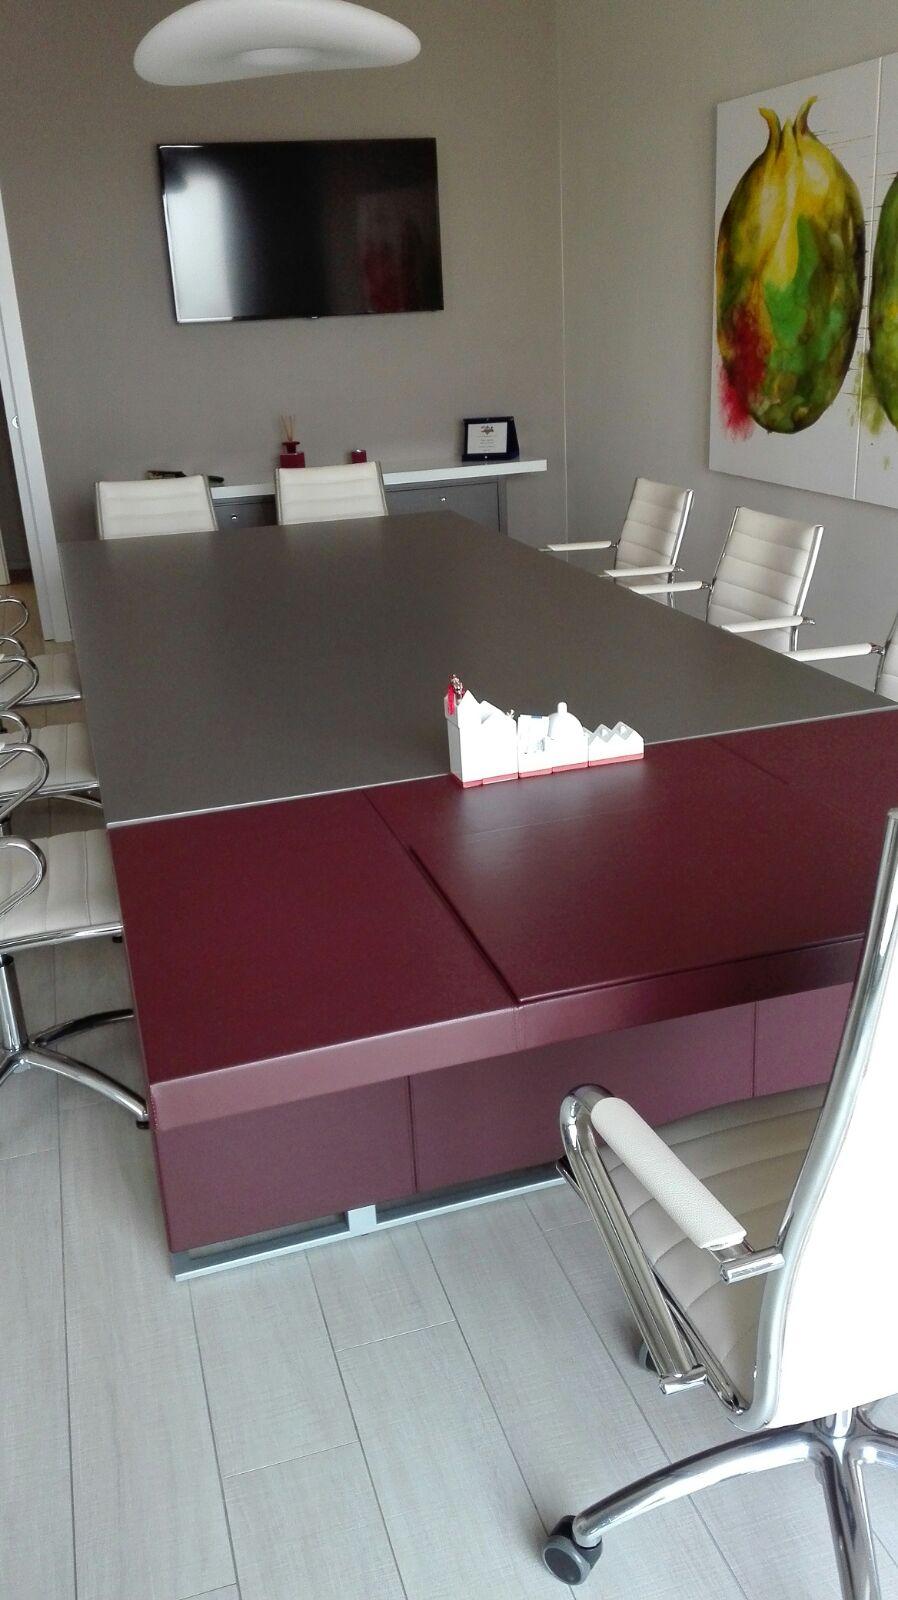 Ufficio privato vb ufficio andria for Nuovo arredo andria